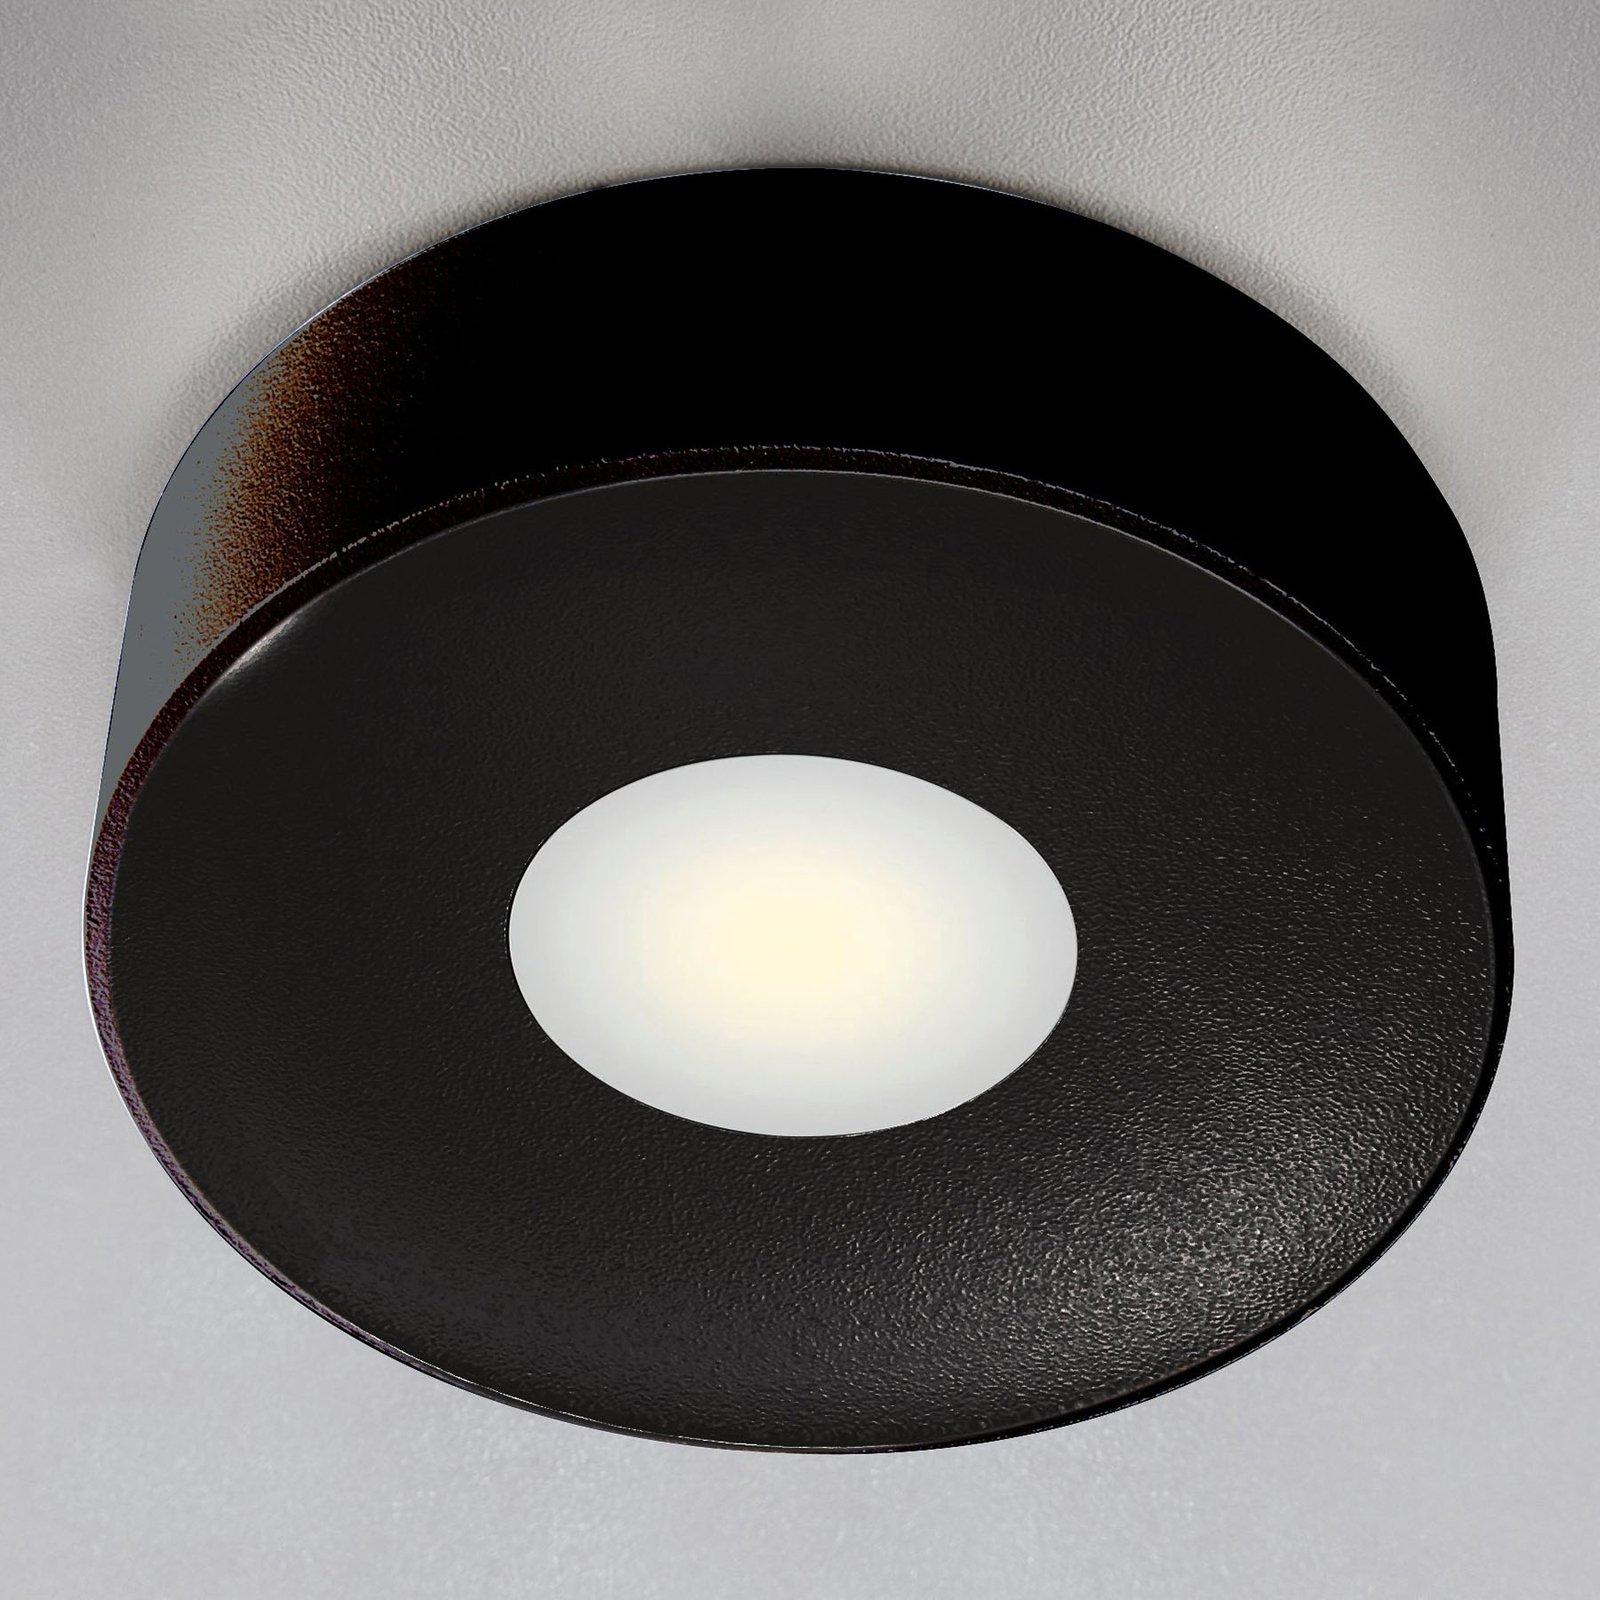 Utendørs LED-taklampe Girona, antrasitt